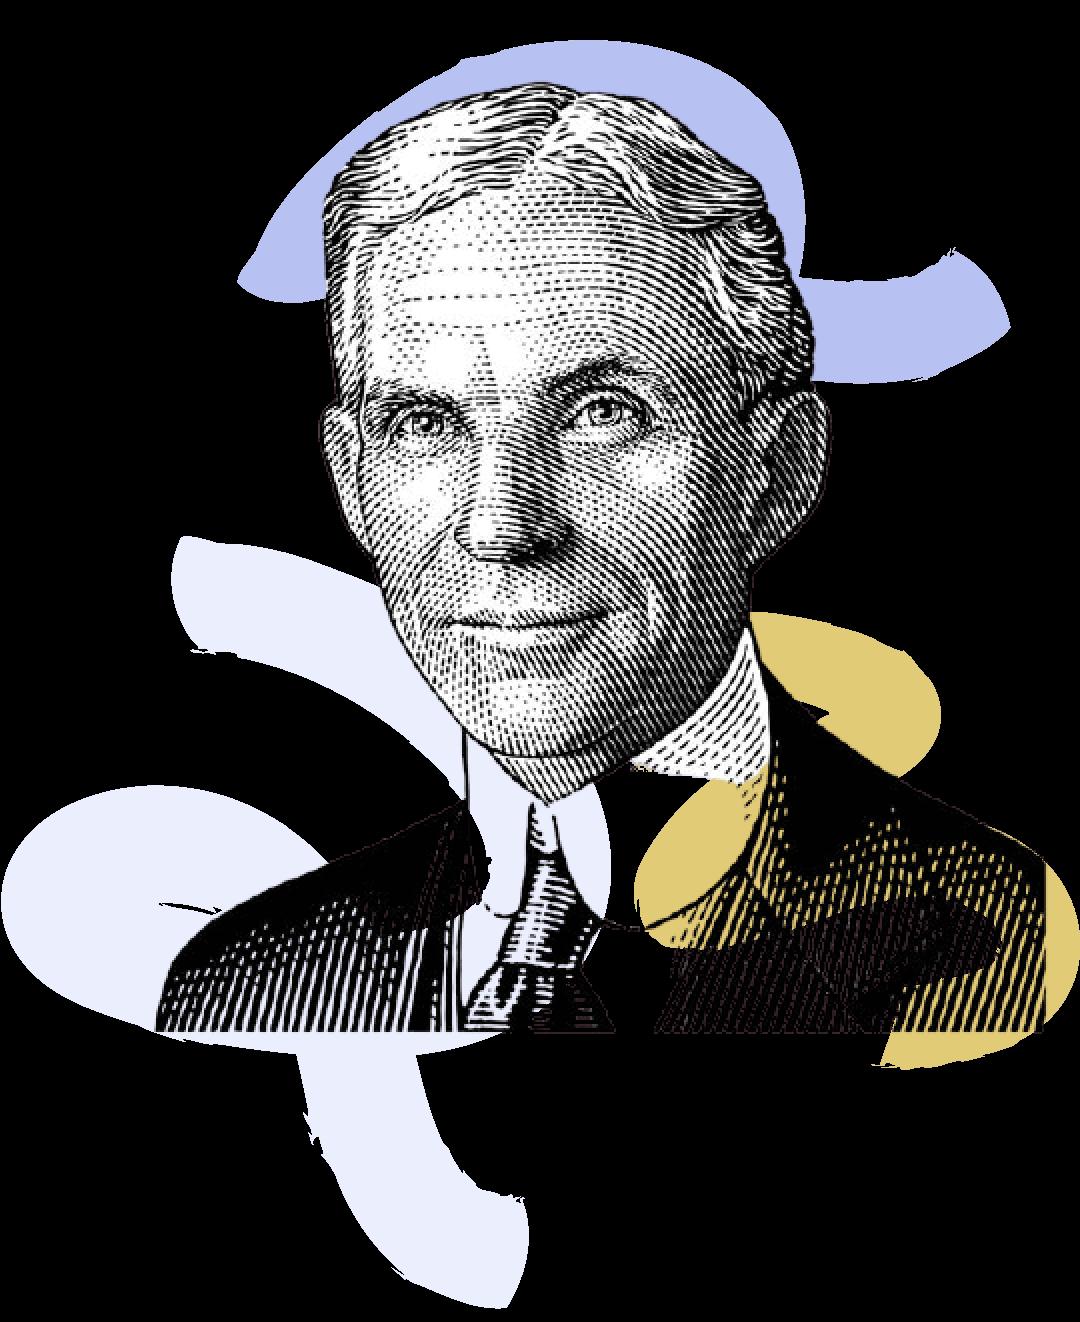 İyi Bir Tasarımcının Sahip Olması Gereken Özellikler Henry Ford Userspots Mayıs Bülten T-Shape Tasarımcı T-Shape Designer I-Shape Designer